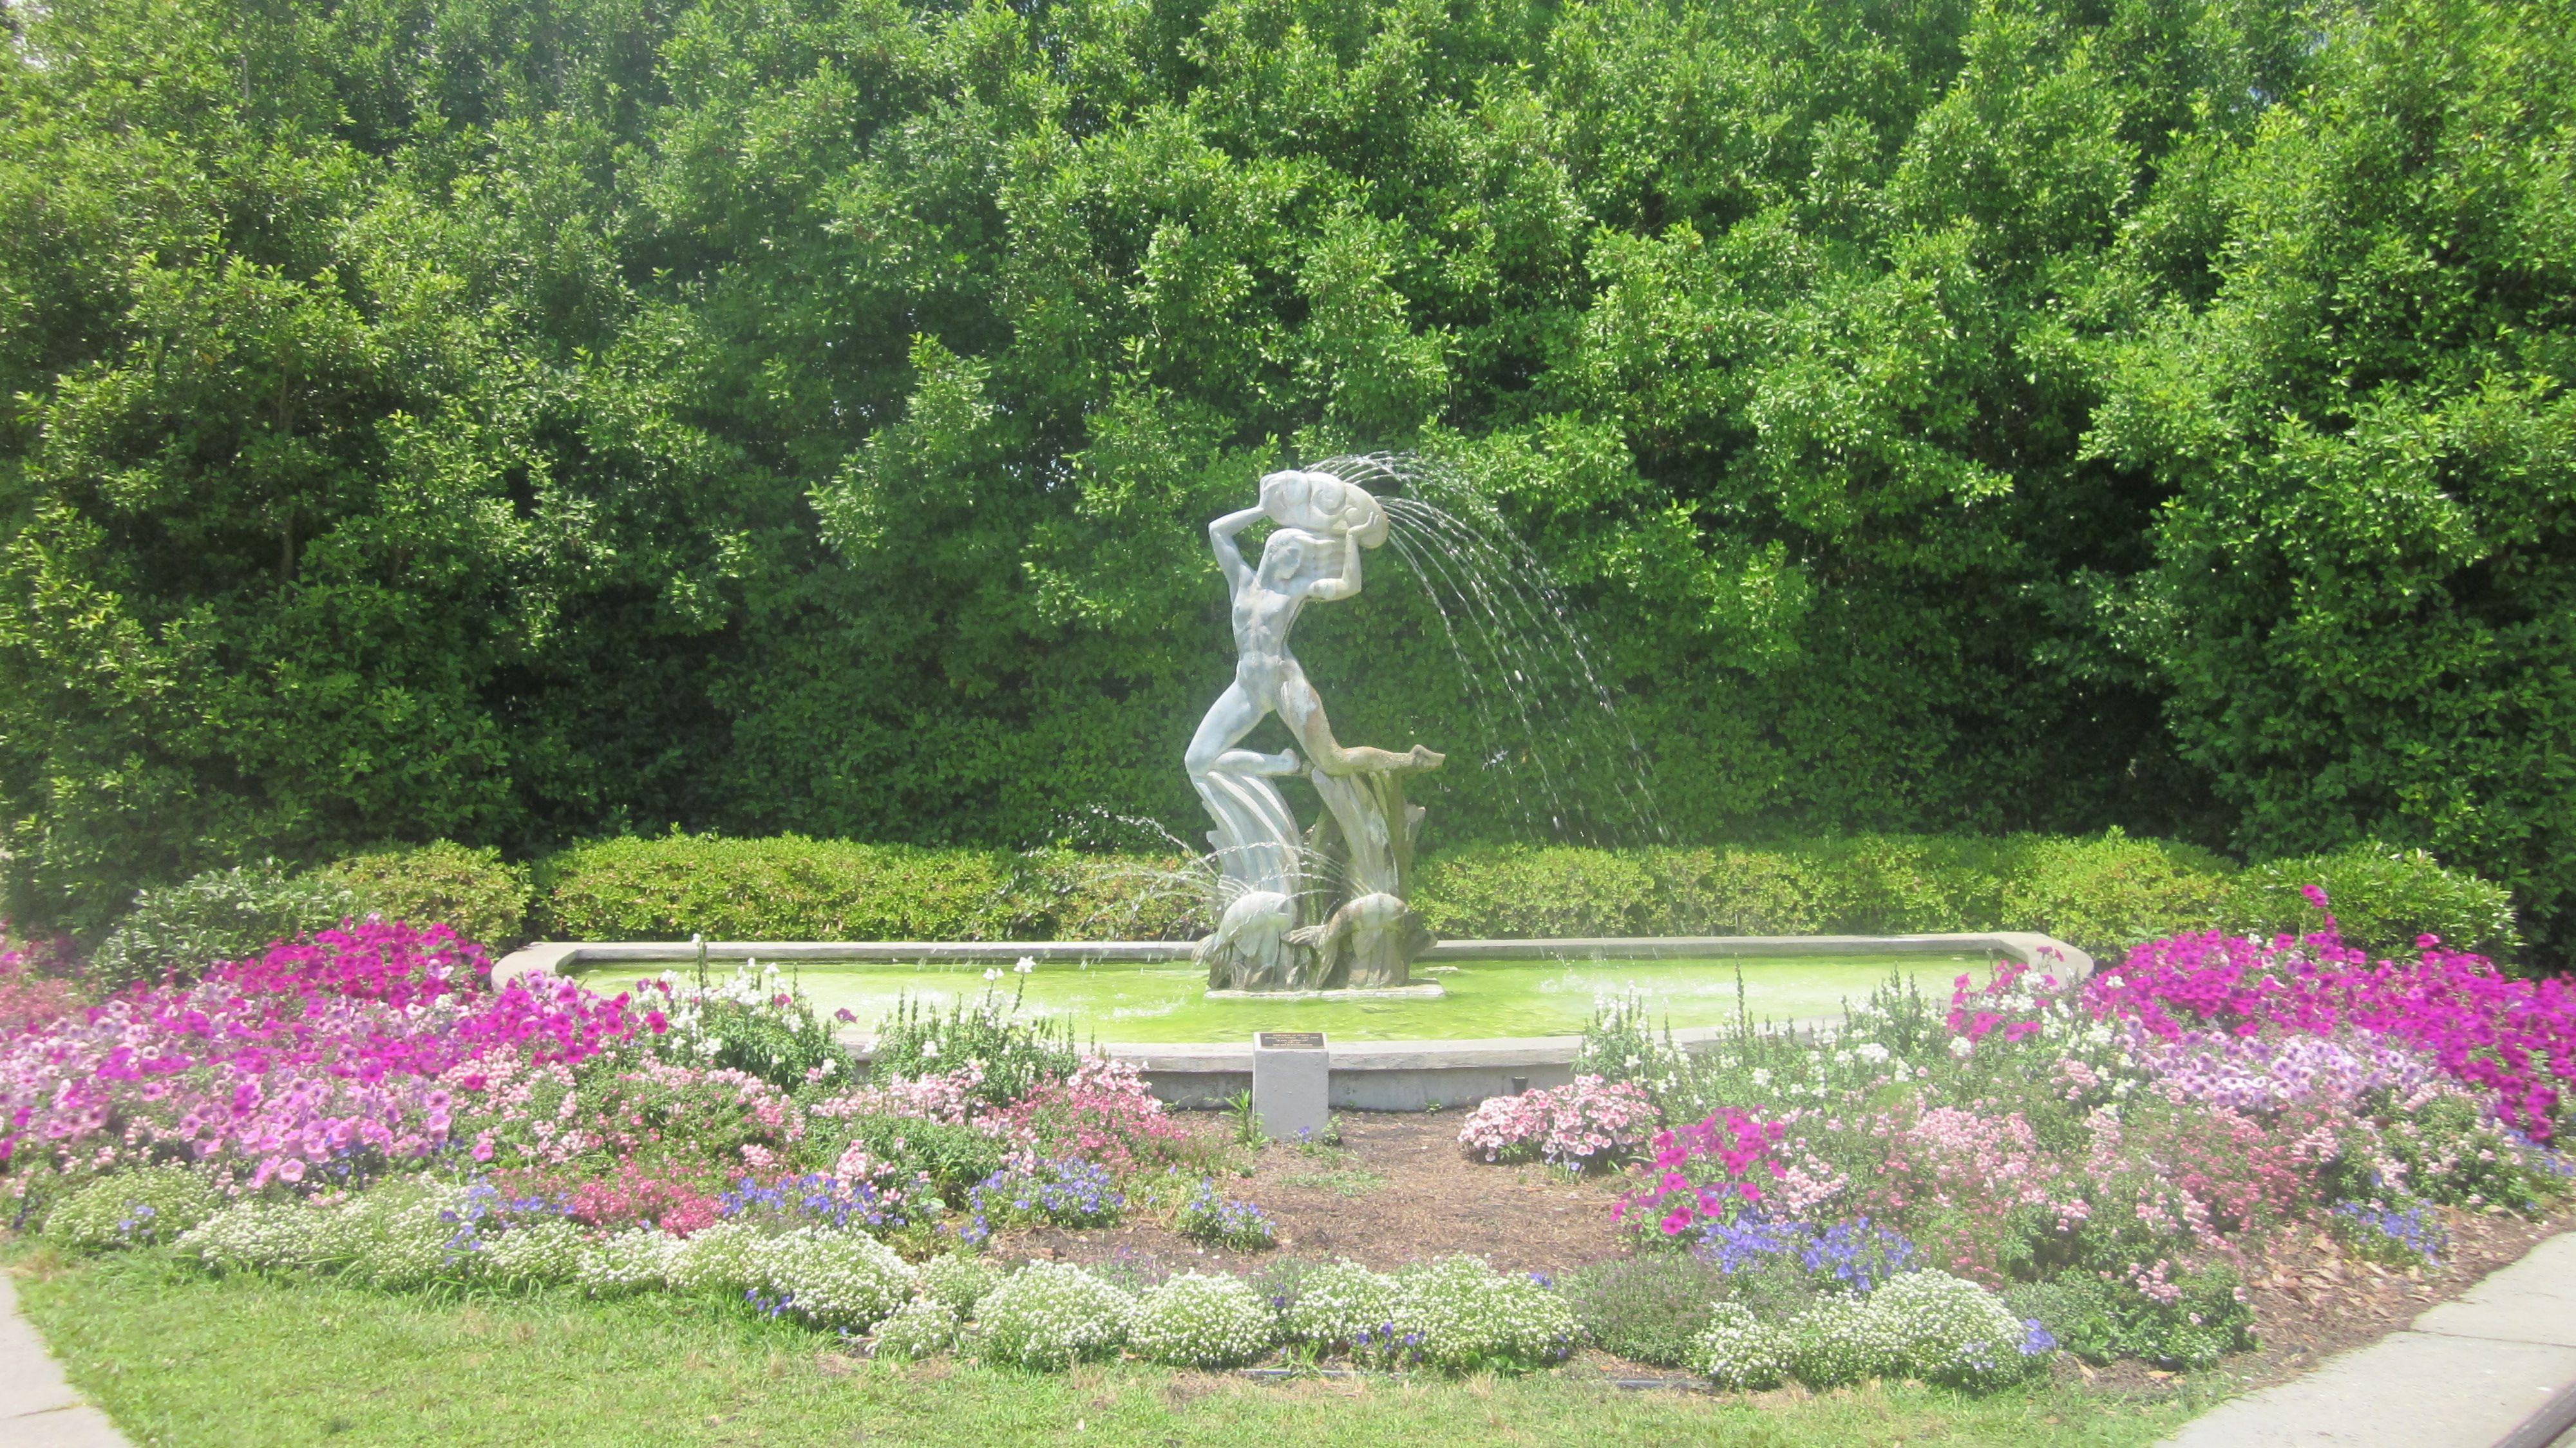 cff606f7c88f89985d740cb8d106464c - City Park Botanical Gardens Plant Sale